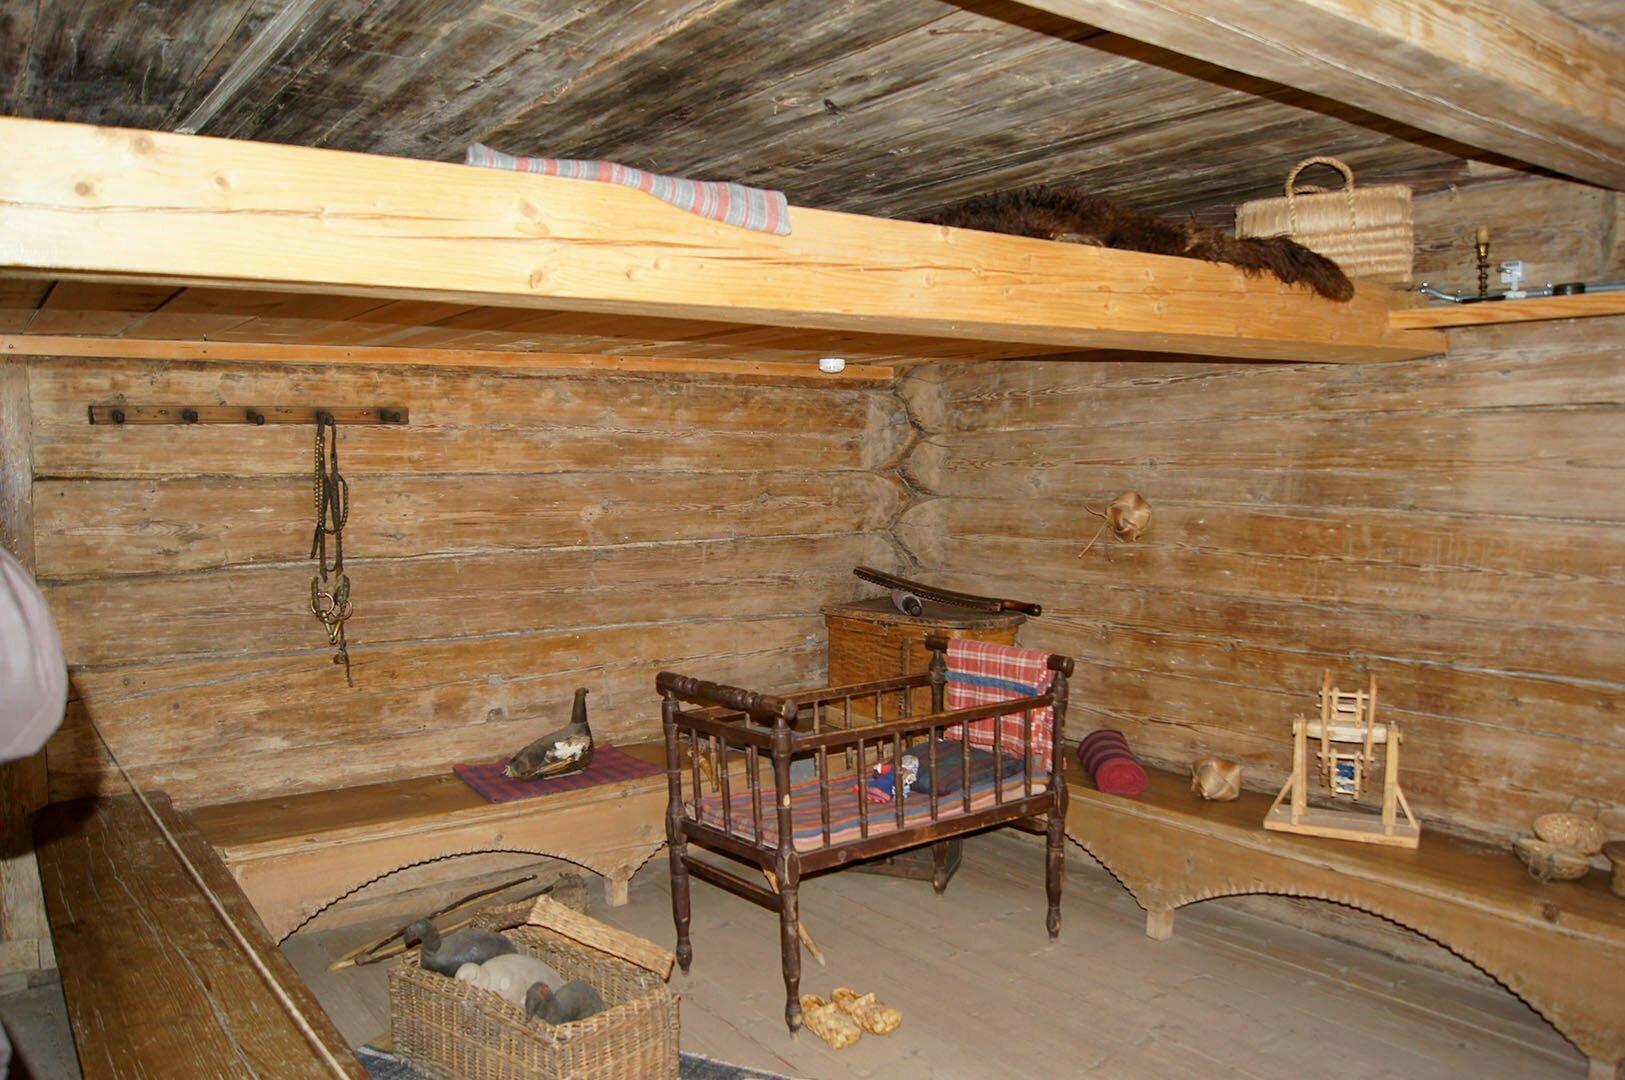 Полати и детская кроватка в избе Екимовой. Музей деревянного зодчества в В. Новгороде